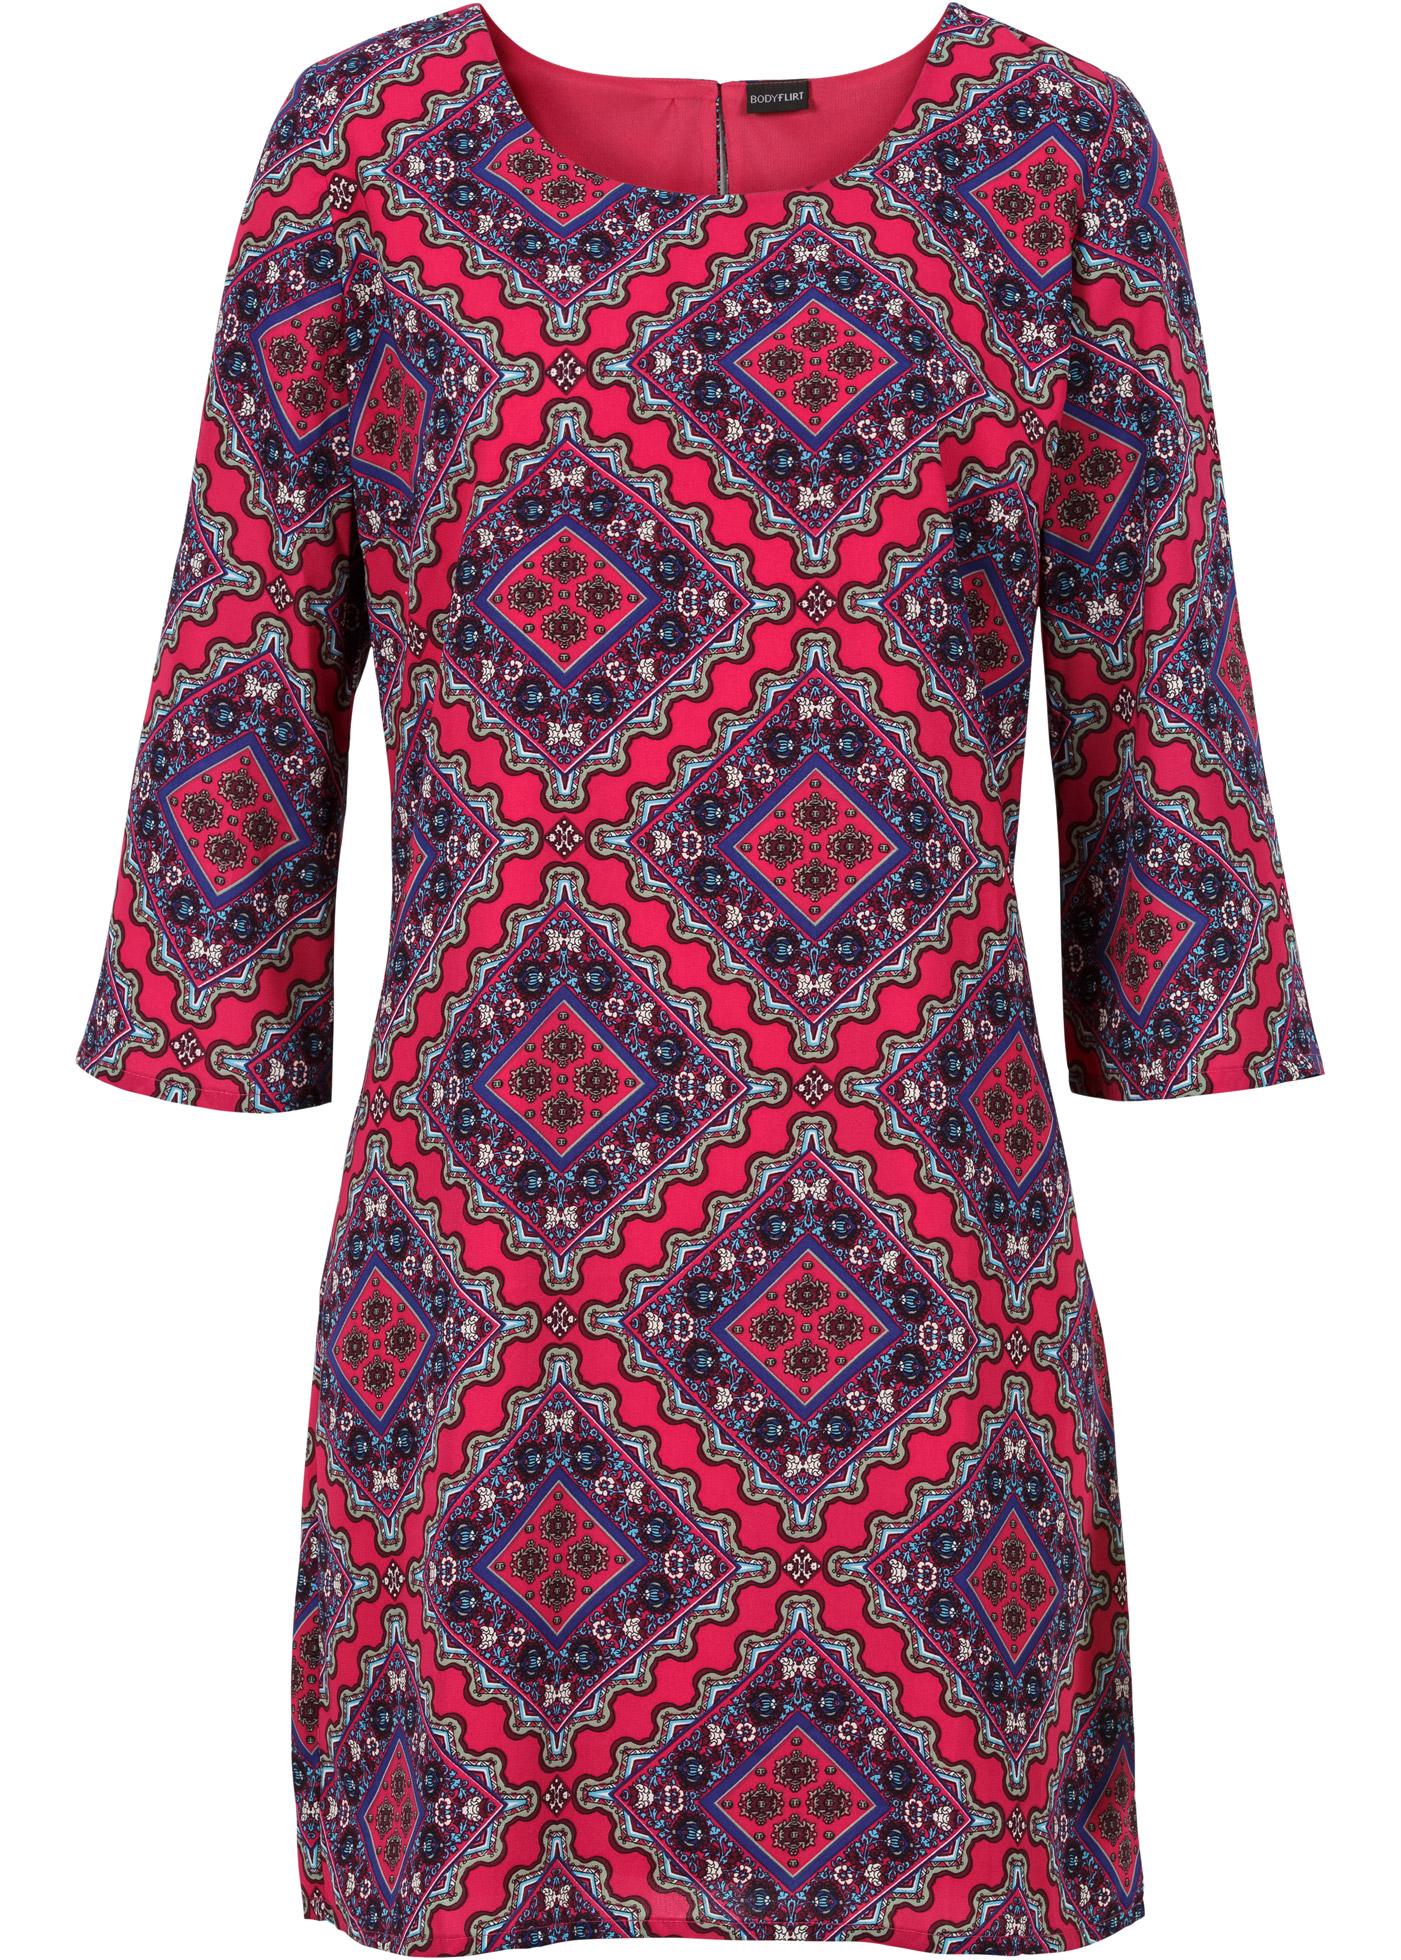 bodyflirt damen modisches kleid mit alloverprint in gr e 52 neu ebay. Black Bedroom Furniture Sets. Home Design Ideas